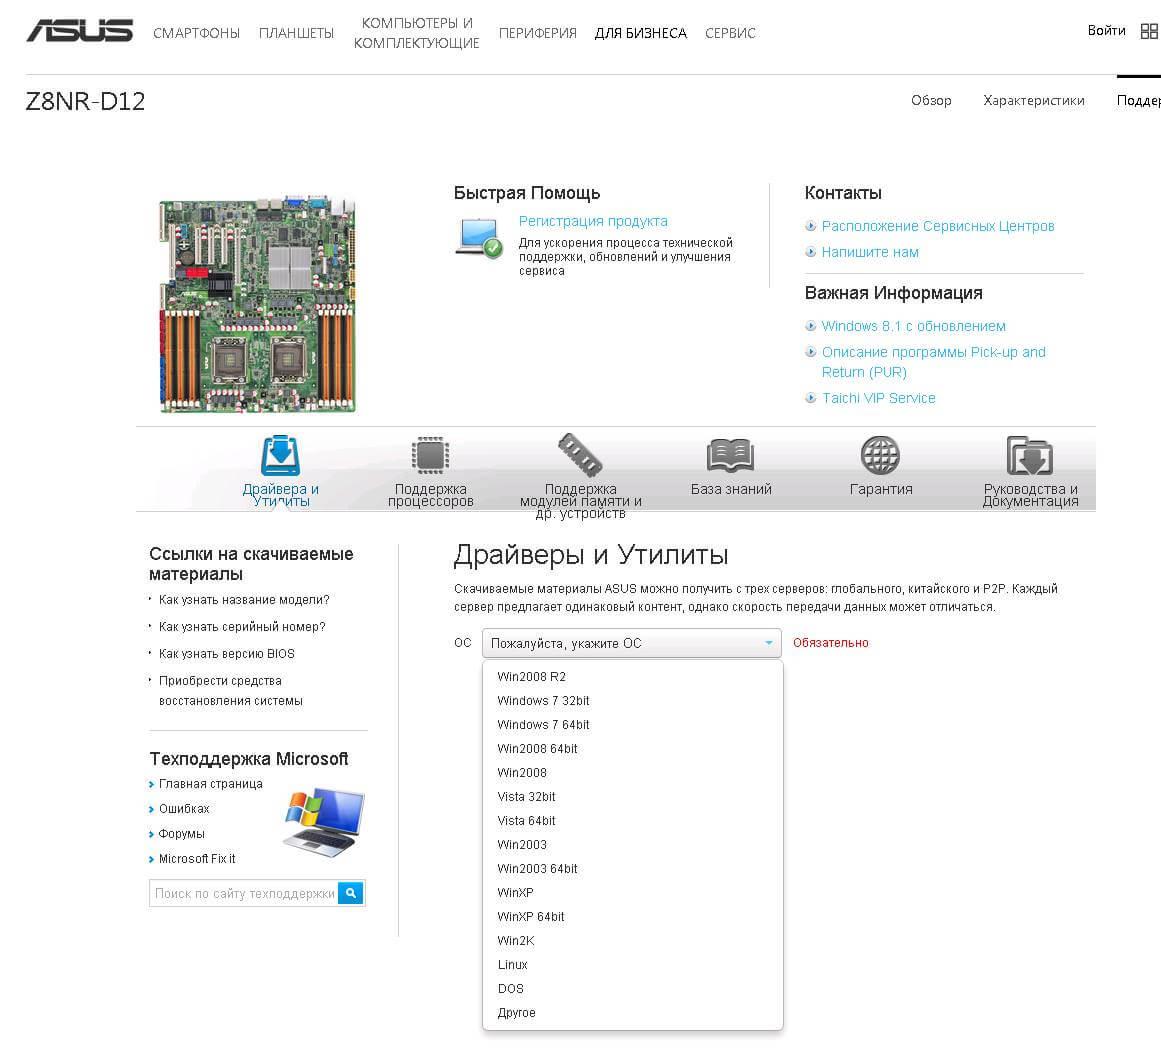 Как обновить BIOS на сервере Aquarius Server T50 D68-01